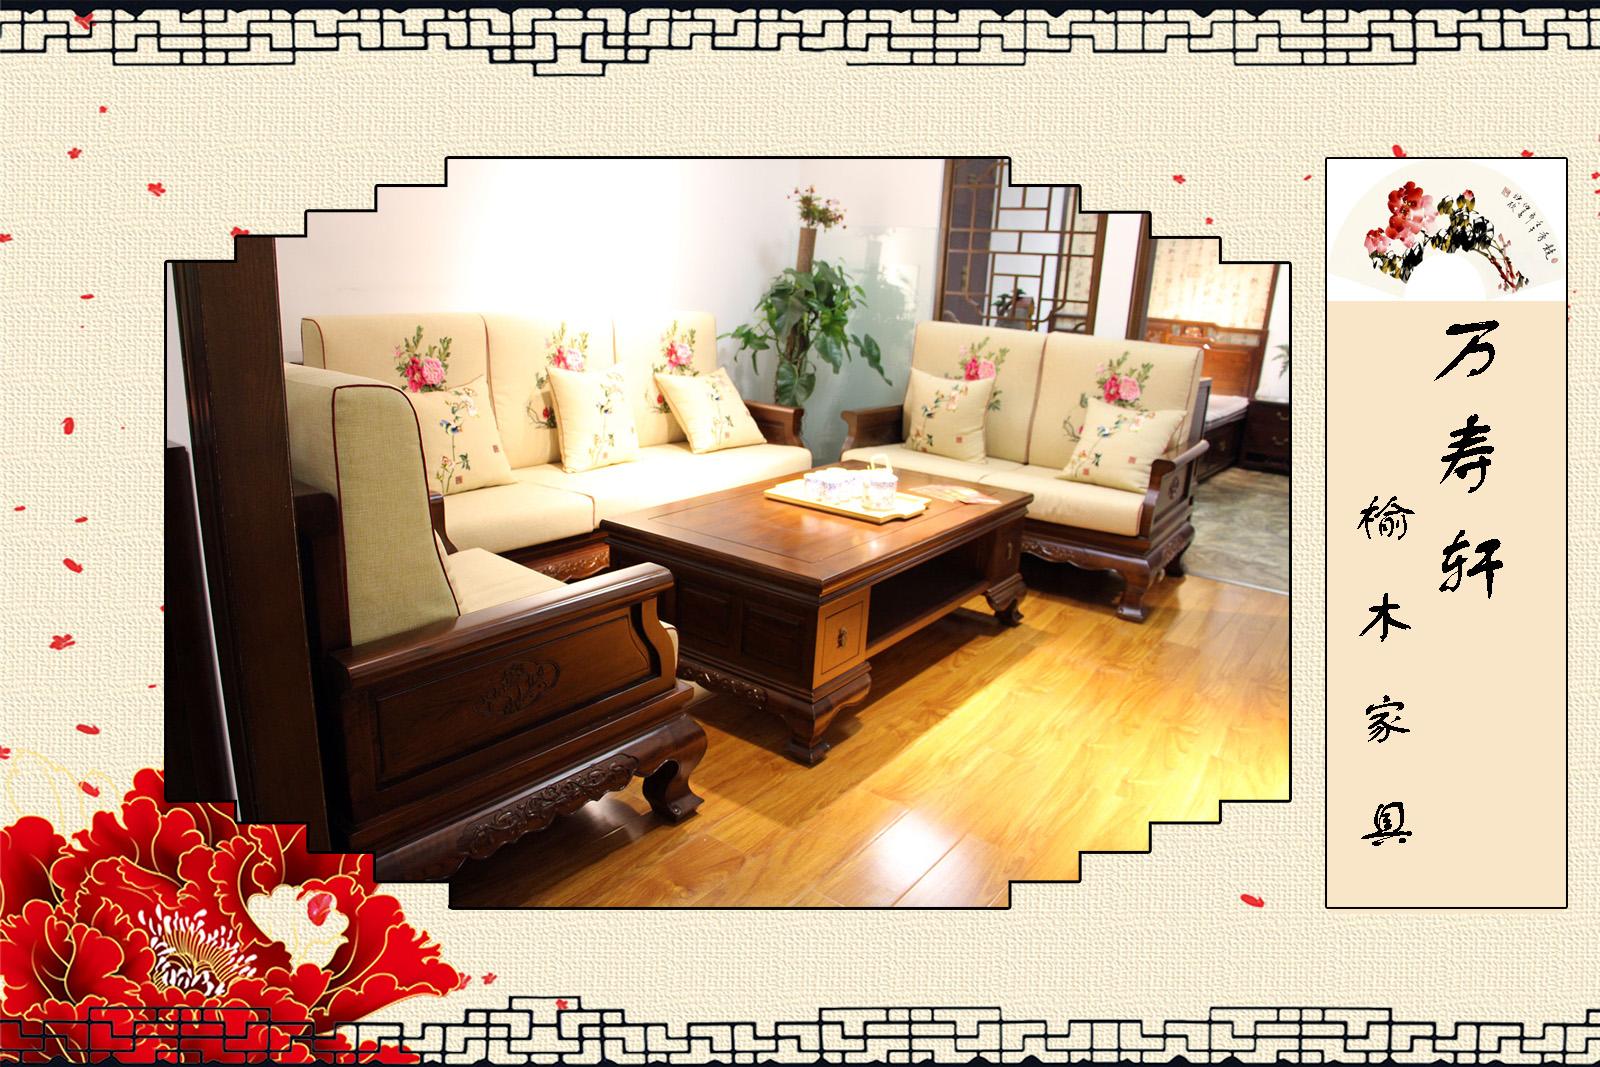 万寿轩现代中式家具美到骨子里的中国风